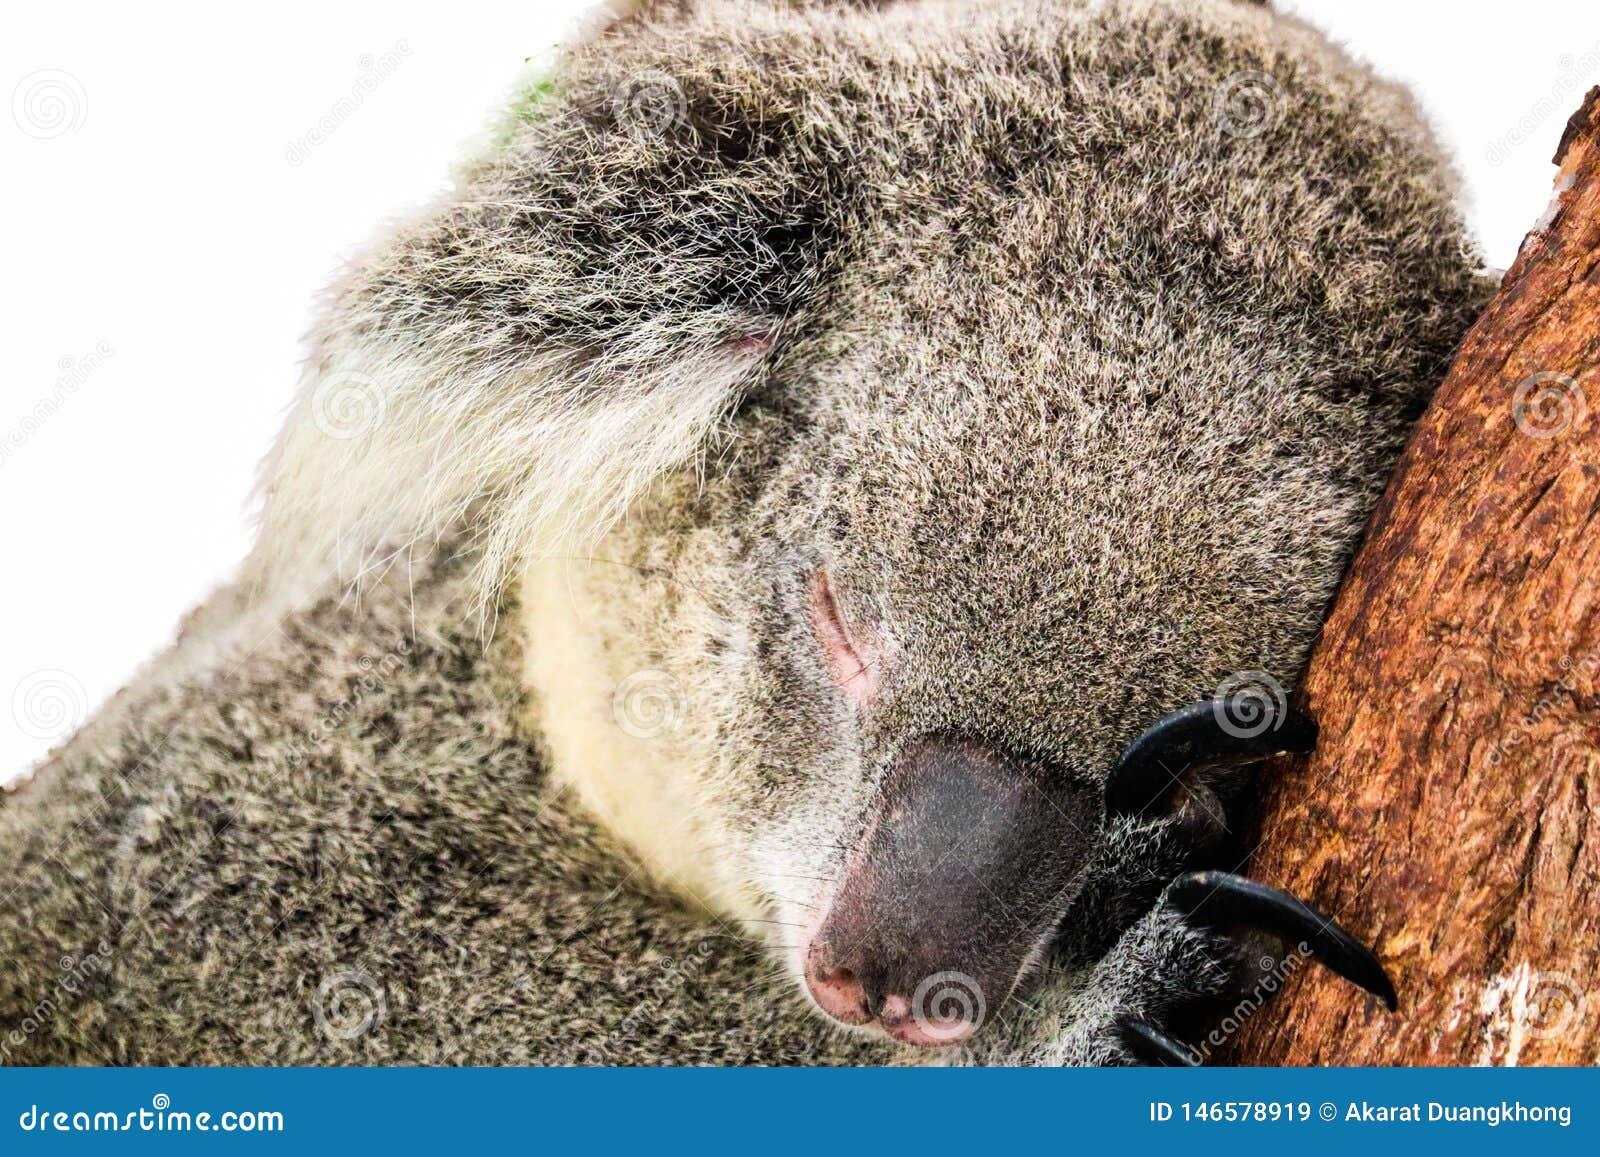 Koala isolated on white background